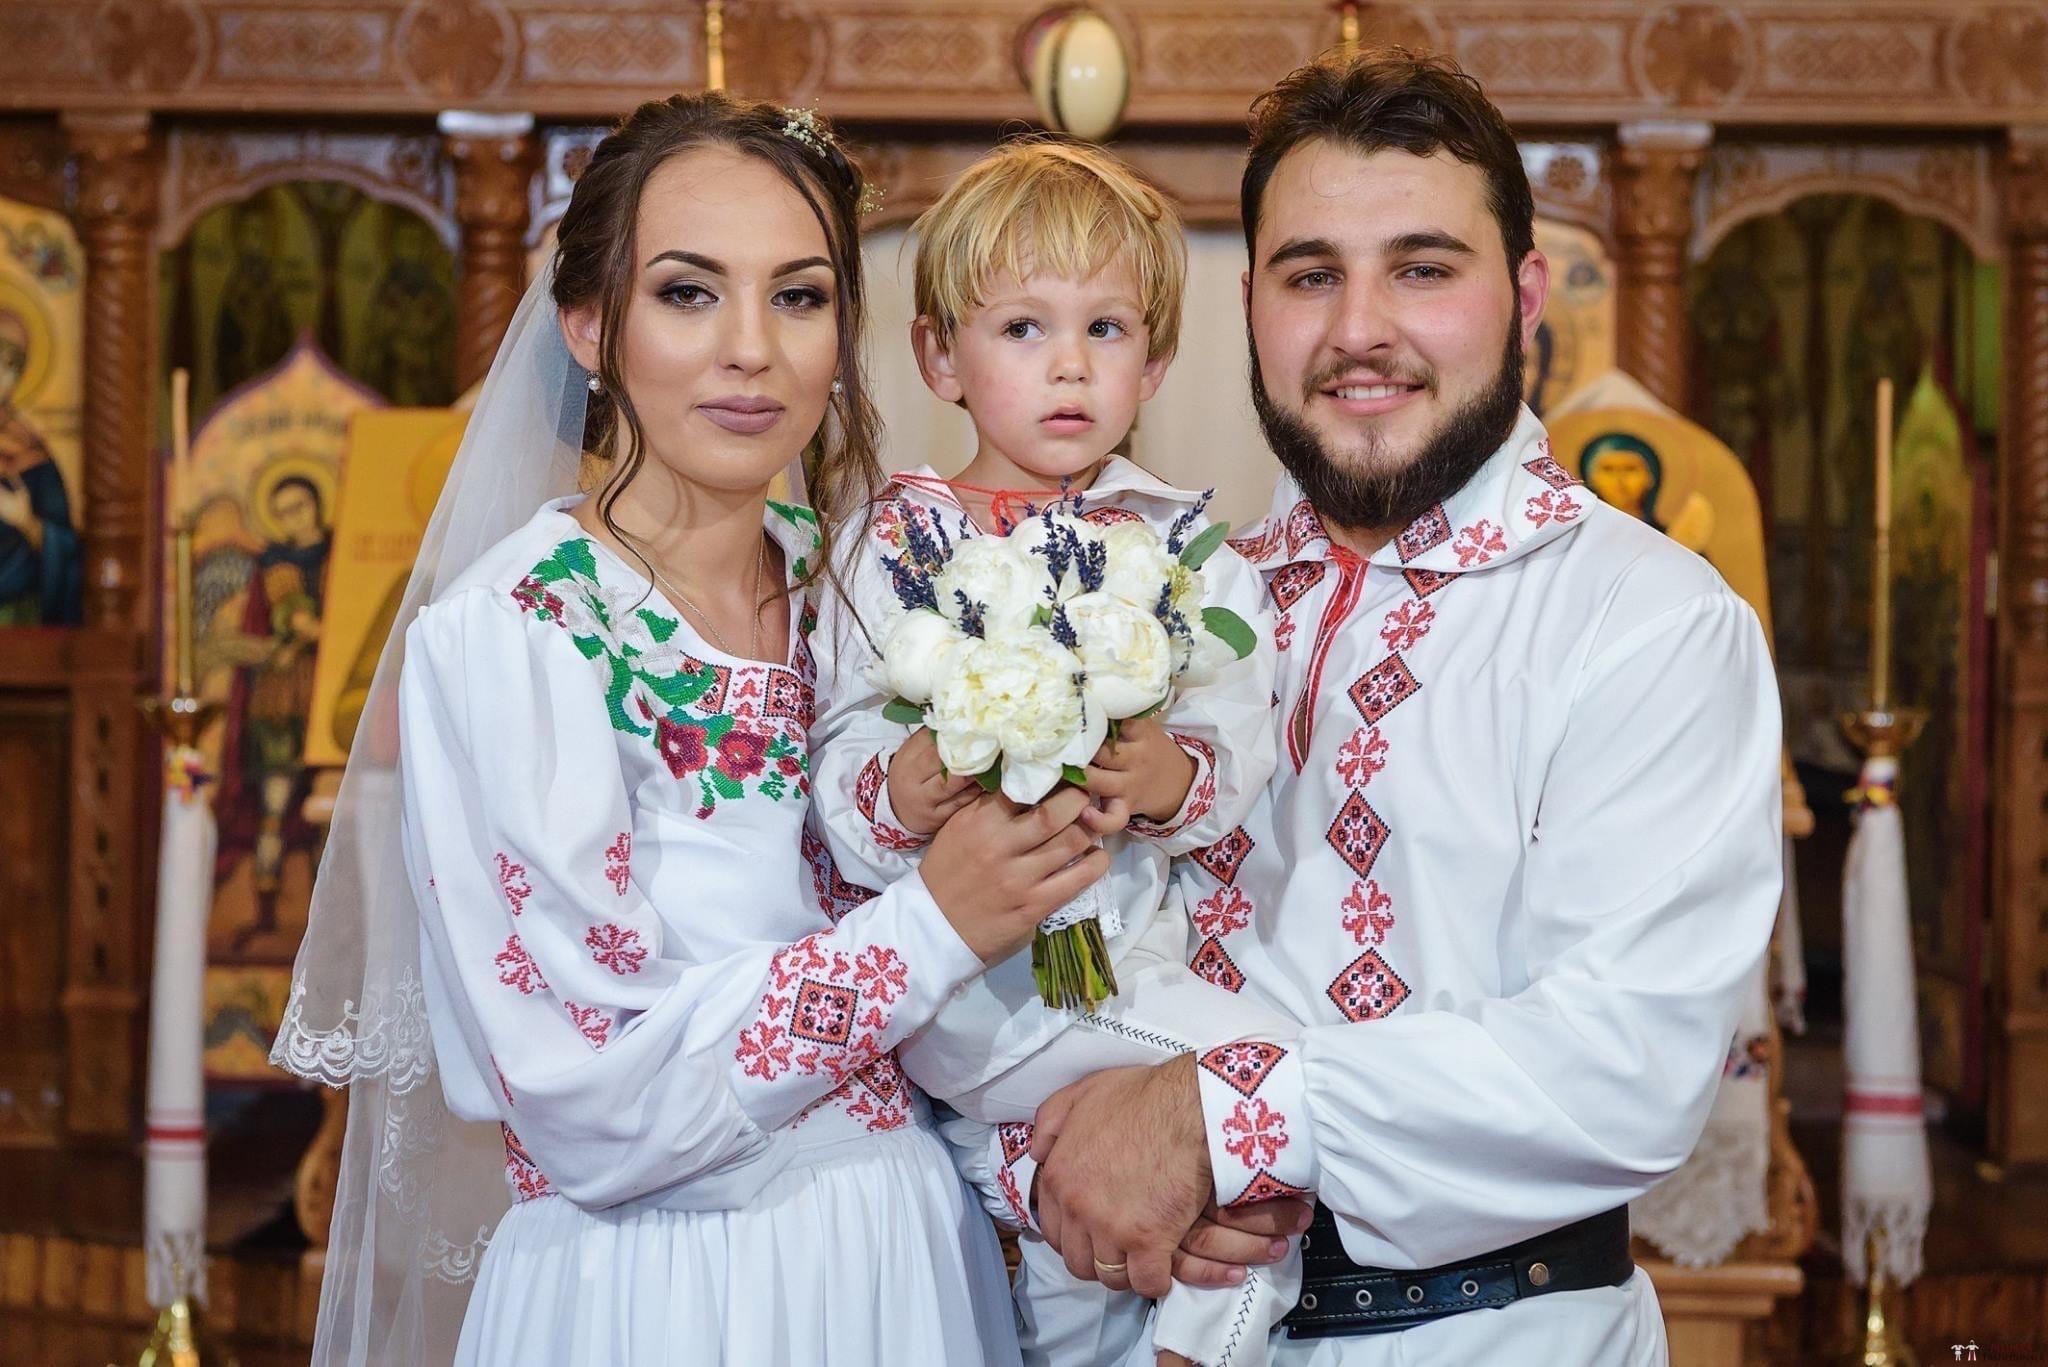 Povești Nunți Tradiționale - Daniela și Cristian, nuntă tradițională în Slobozia, Giurgiu 30